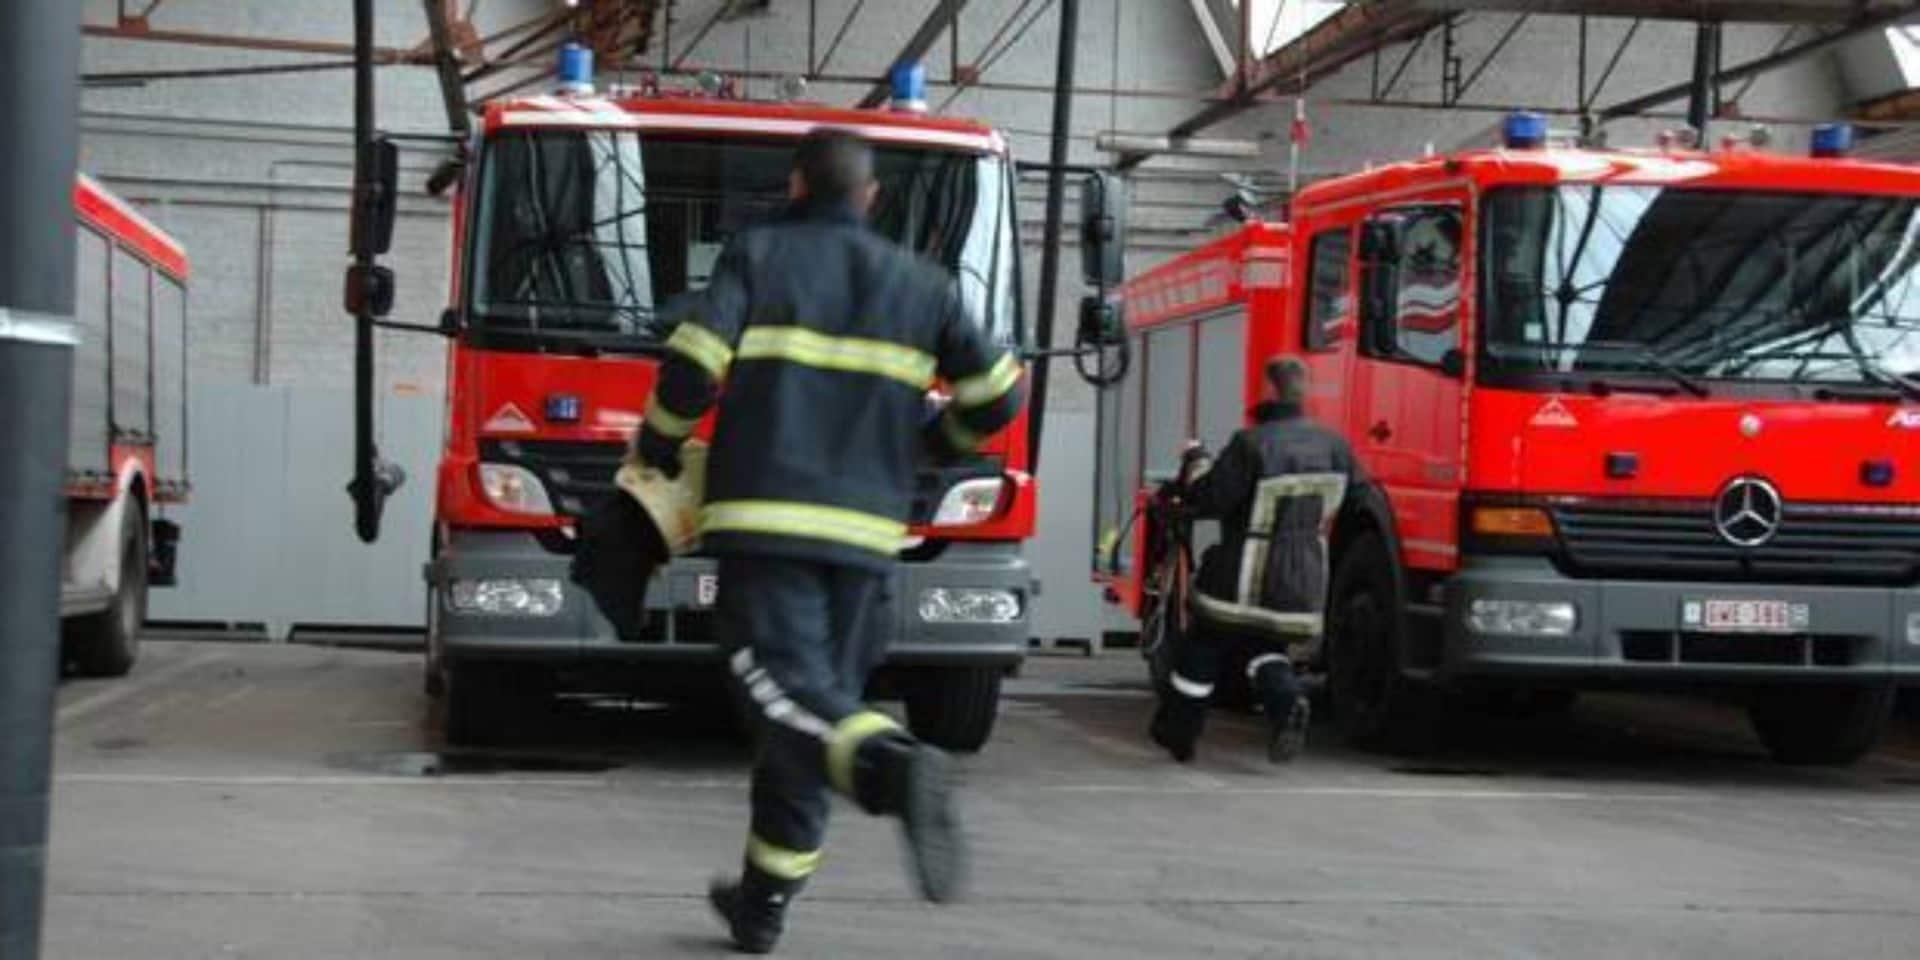 Blegny : Une personne dans un état préoccupant après un incendie